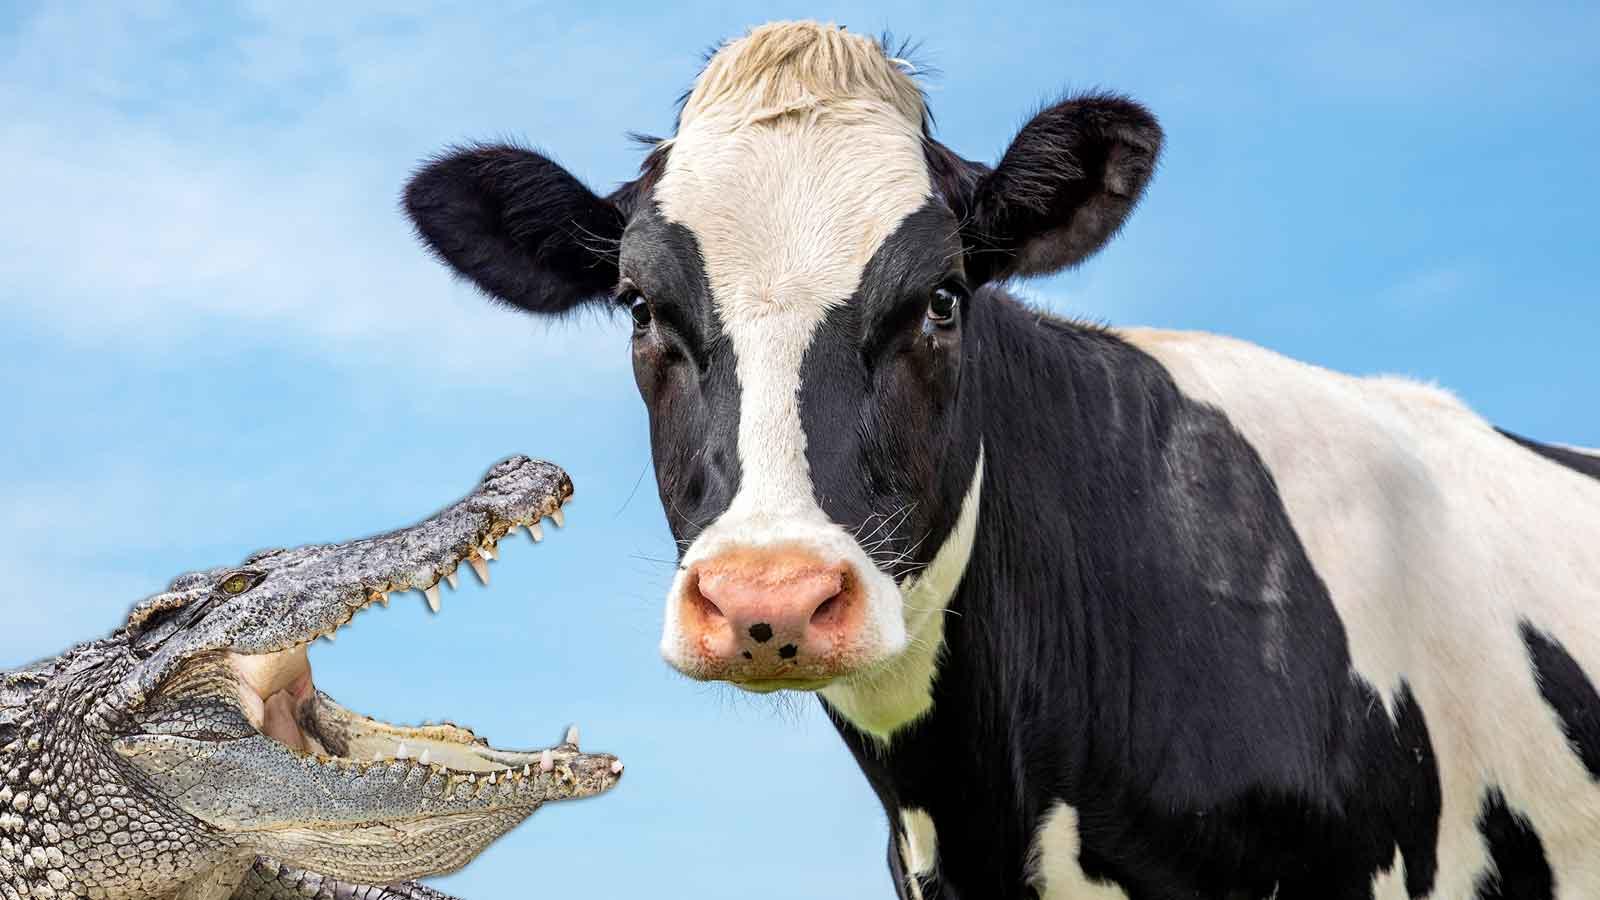 Kuh und Alligator behindern den Berufsverkehr - unabhängig voneinander | The Weather Channel - Artikel von The Weather Channel | weather.com